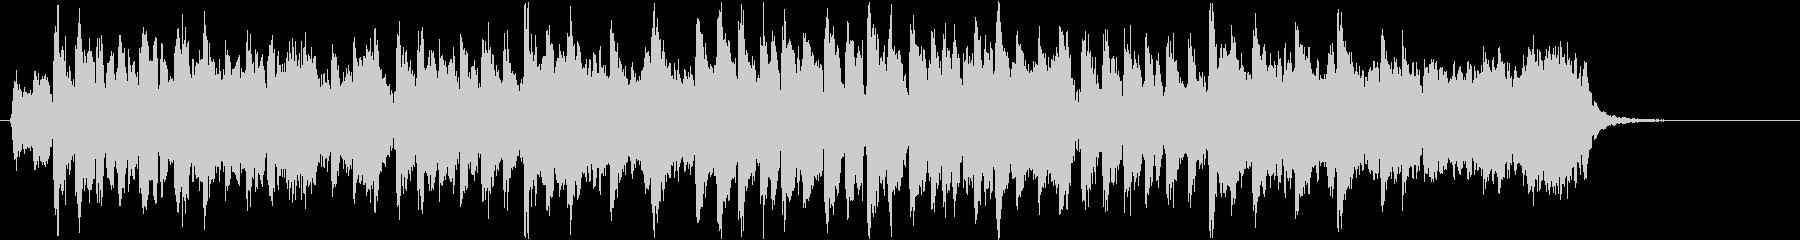 明るく爽やかな和風曲-短縮版の未再生の波形